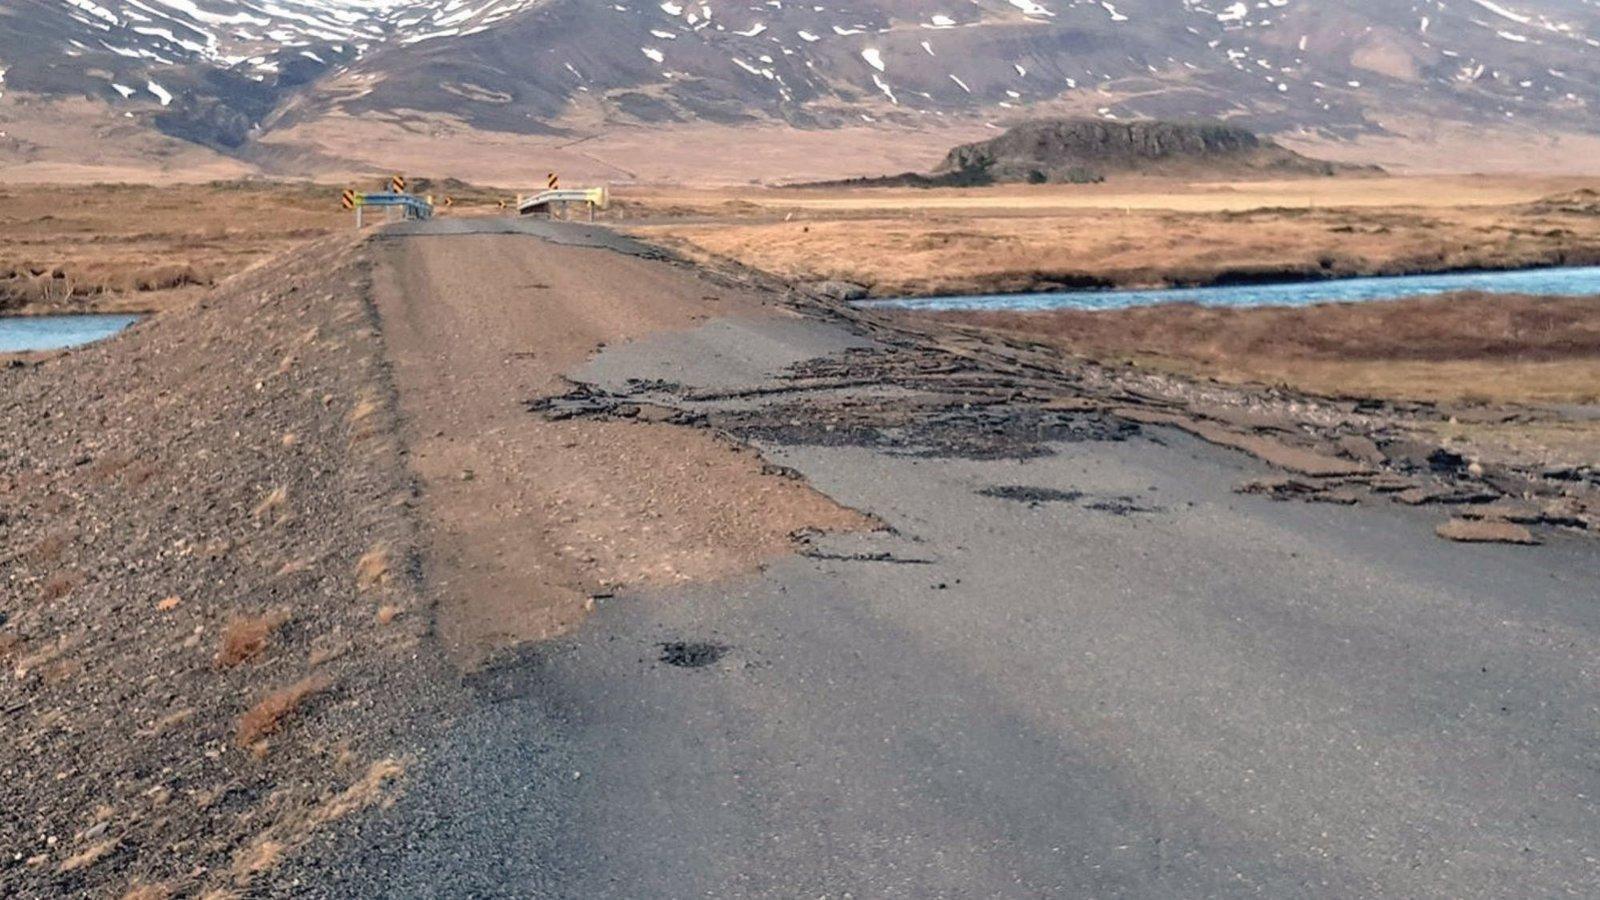 Ветер, летящий со скоростью 180 км в час, сорвал асфальт на дороге 94, которая ведет к Borgarfjörður-Eystri, фото из исландской прессы